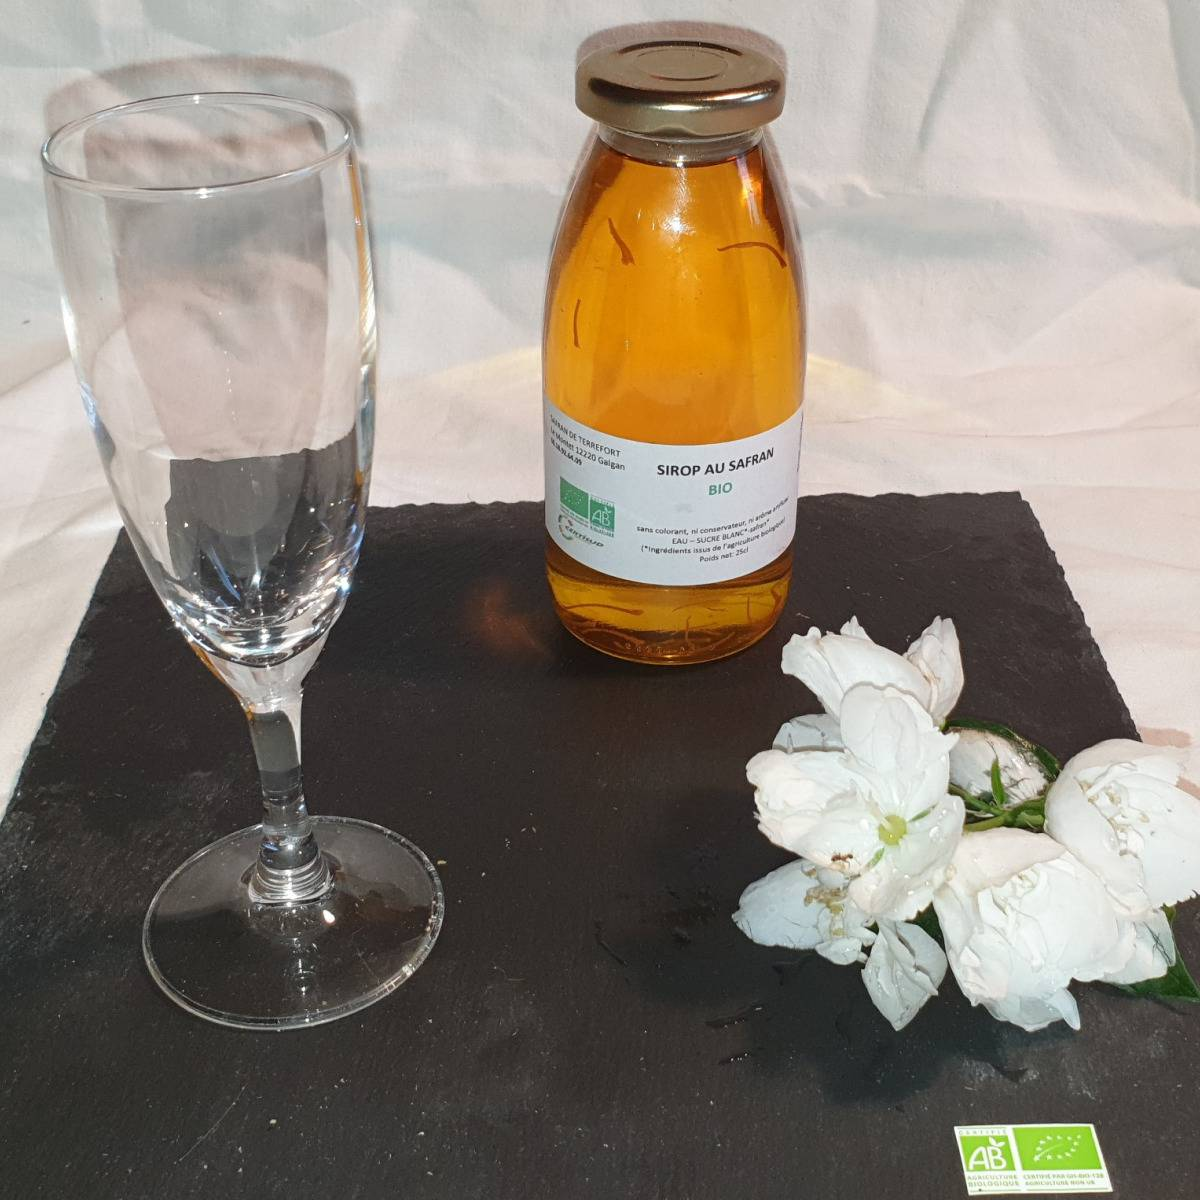 La Ferme du Montet Sirop de Safran - sucre blanc - Bio - 25cl